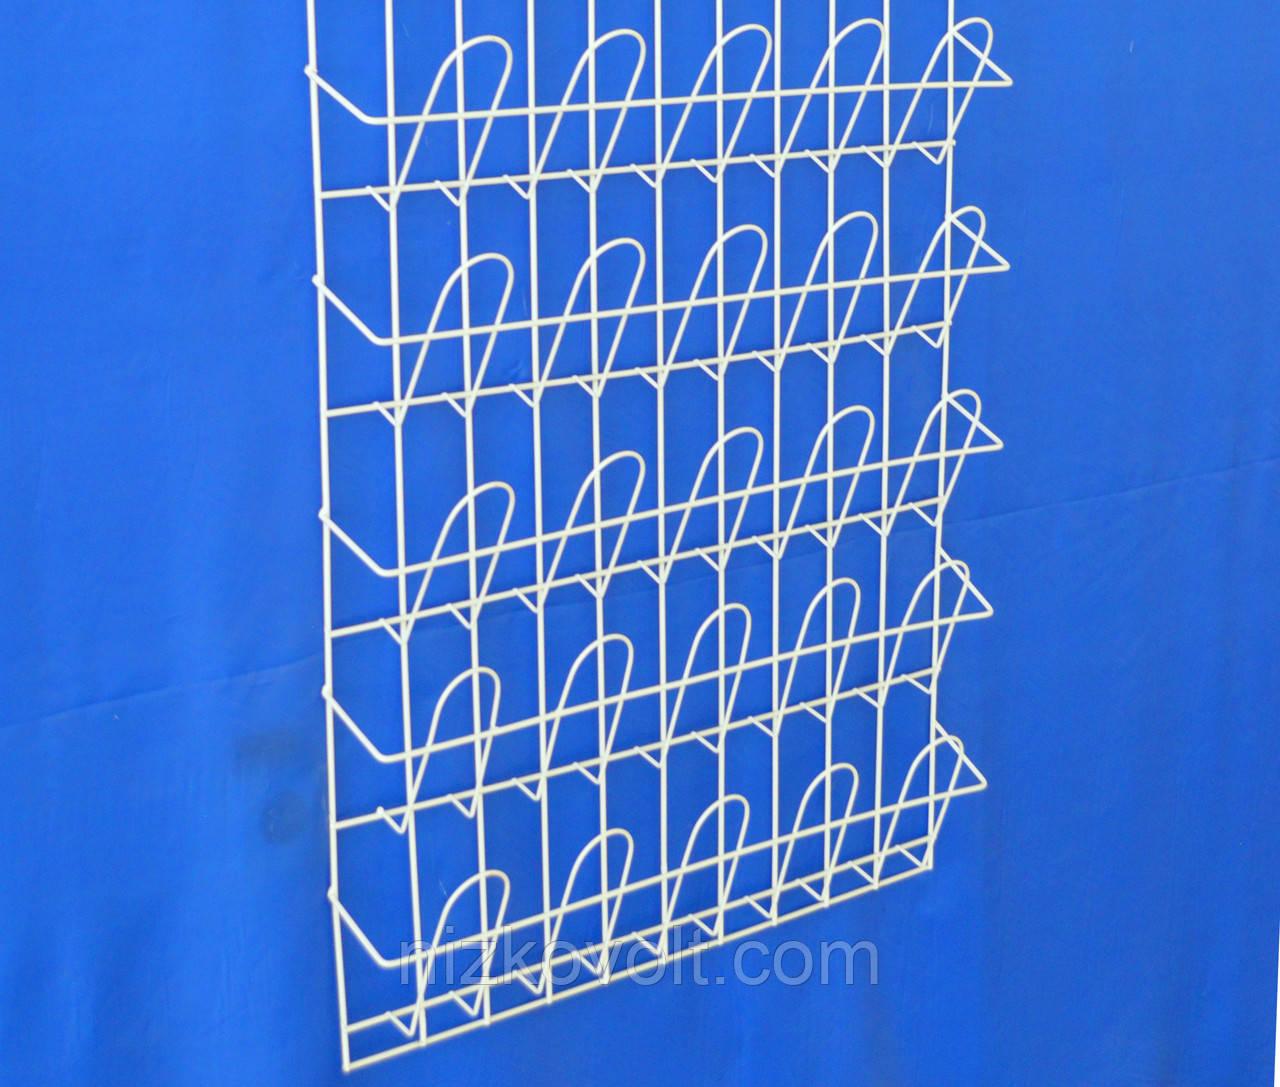 Торговая полка стеллаж для полиграфии  навесная корзиночная 5 рядов по 5 ячеек